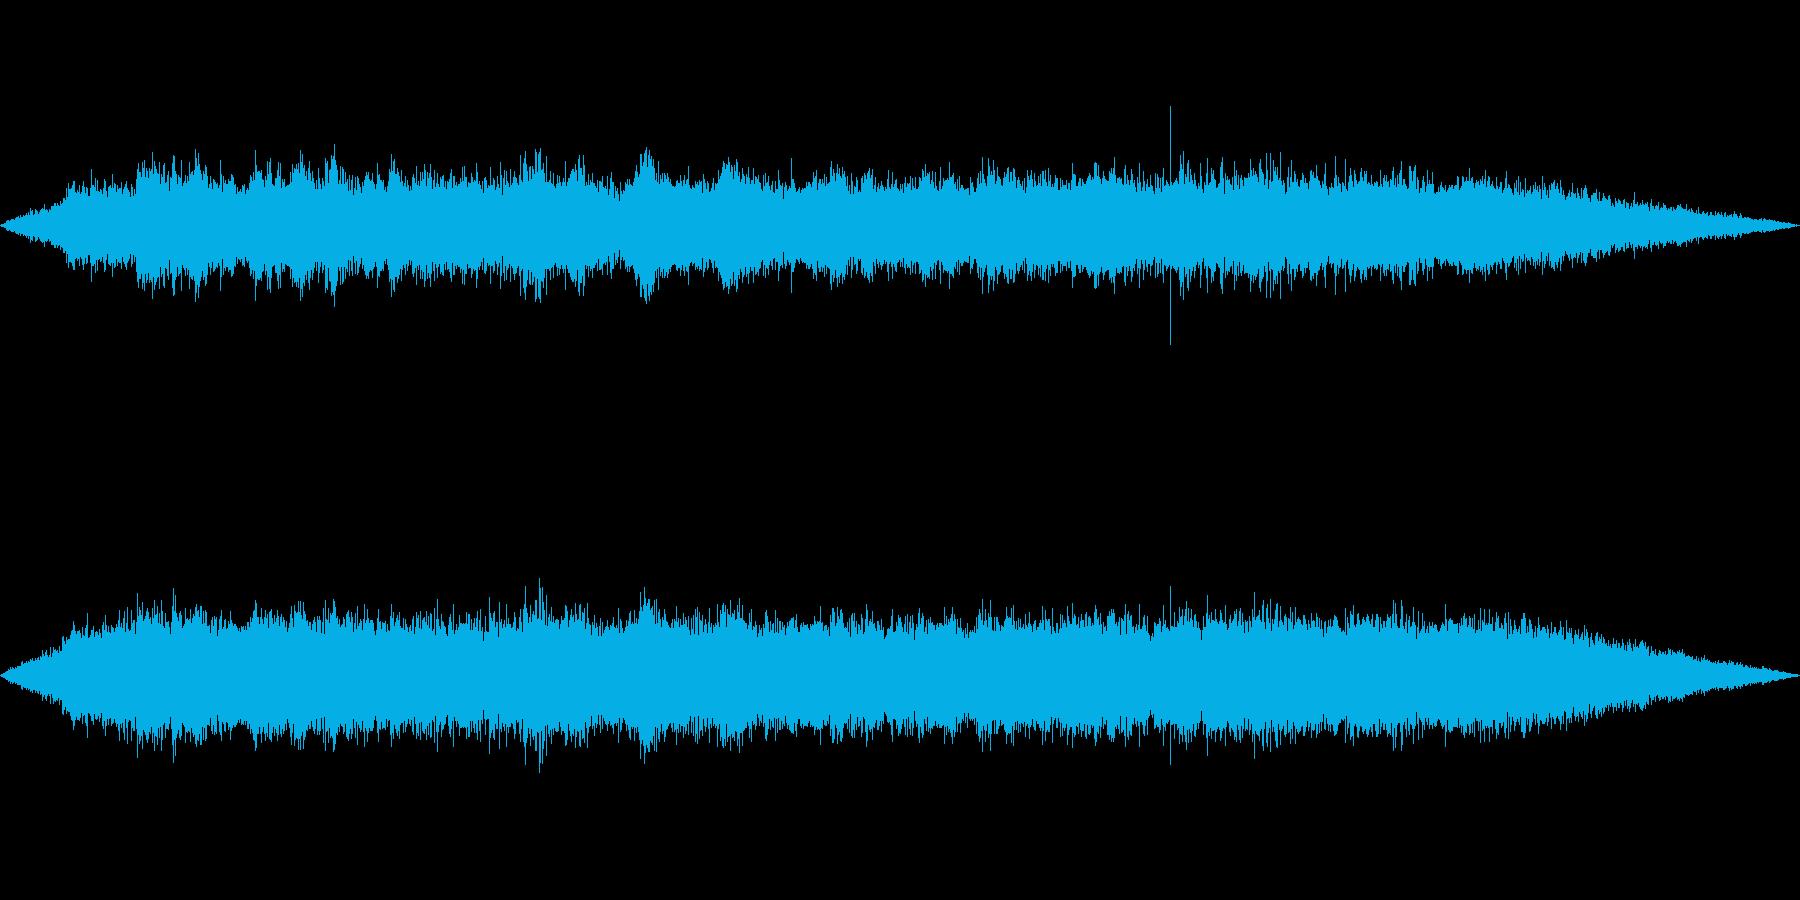 海 波 浜辺 海岸 カモメの環境音 16の再生済みの波形